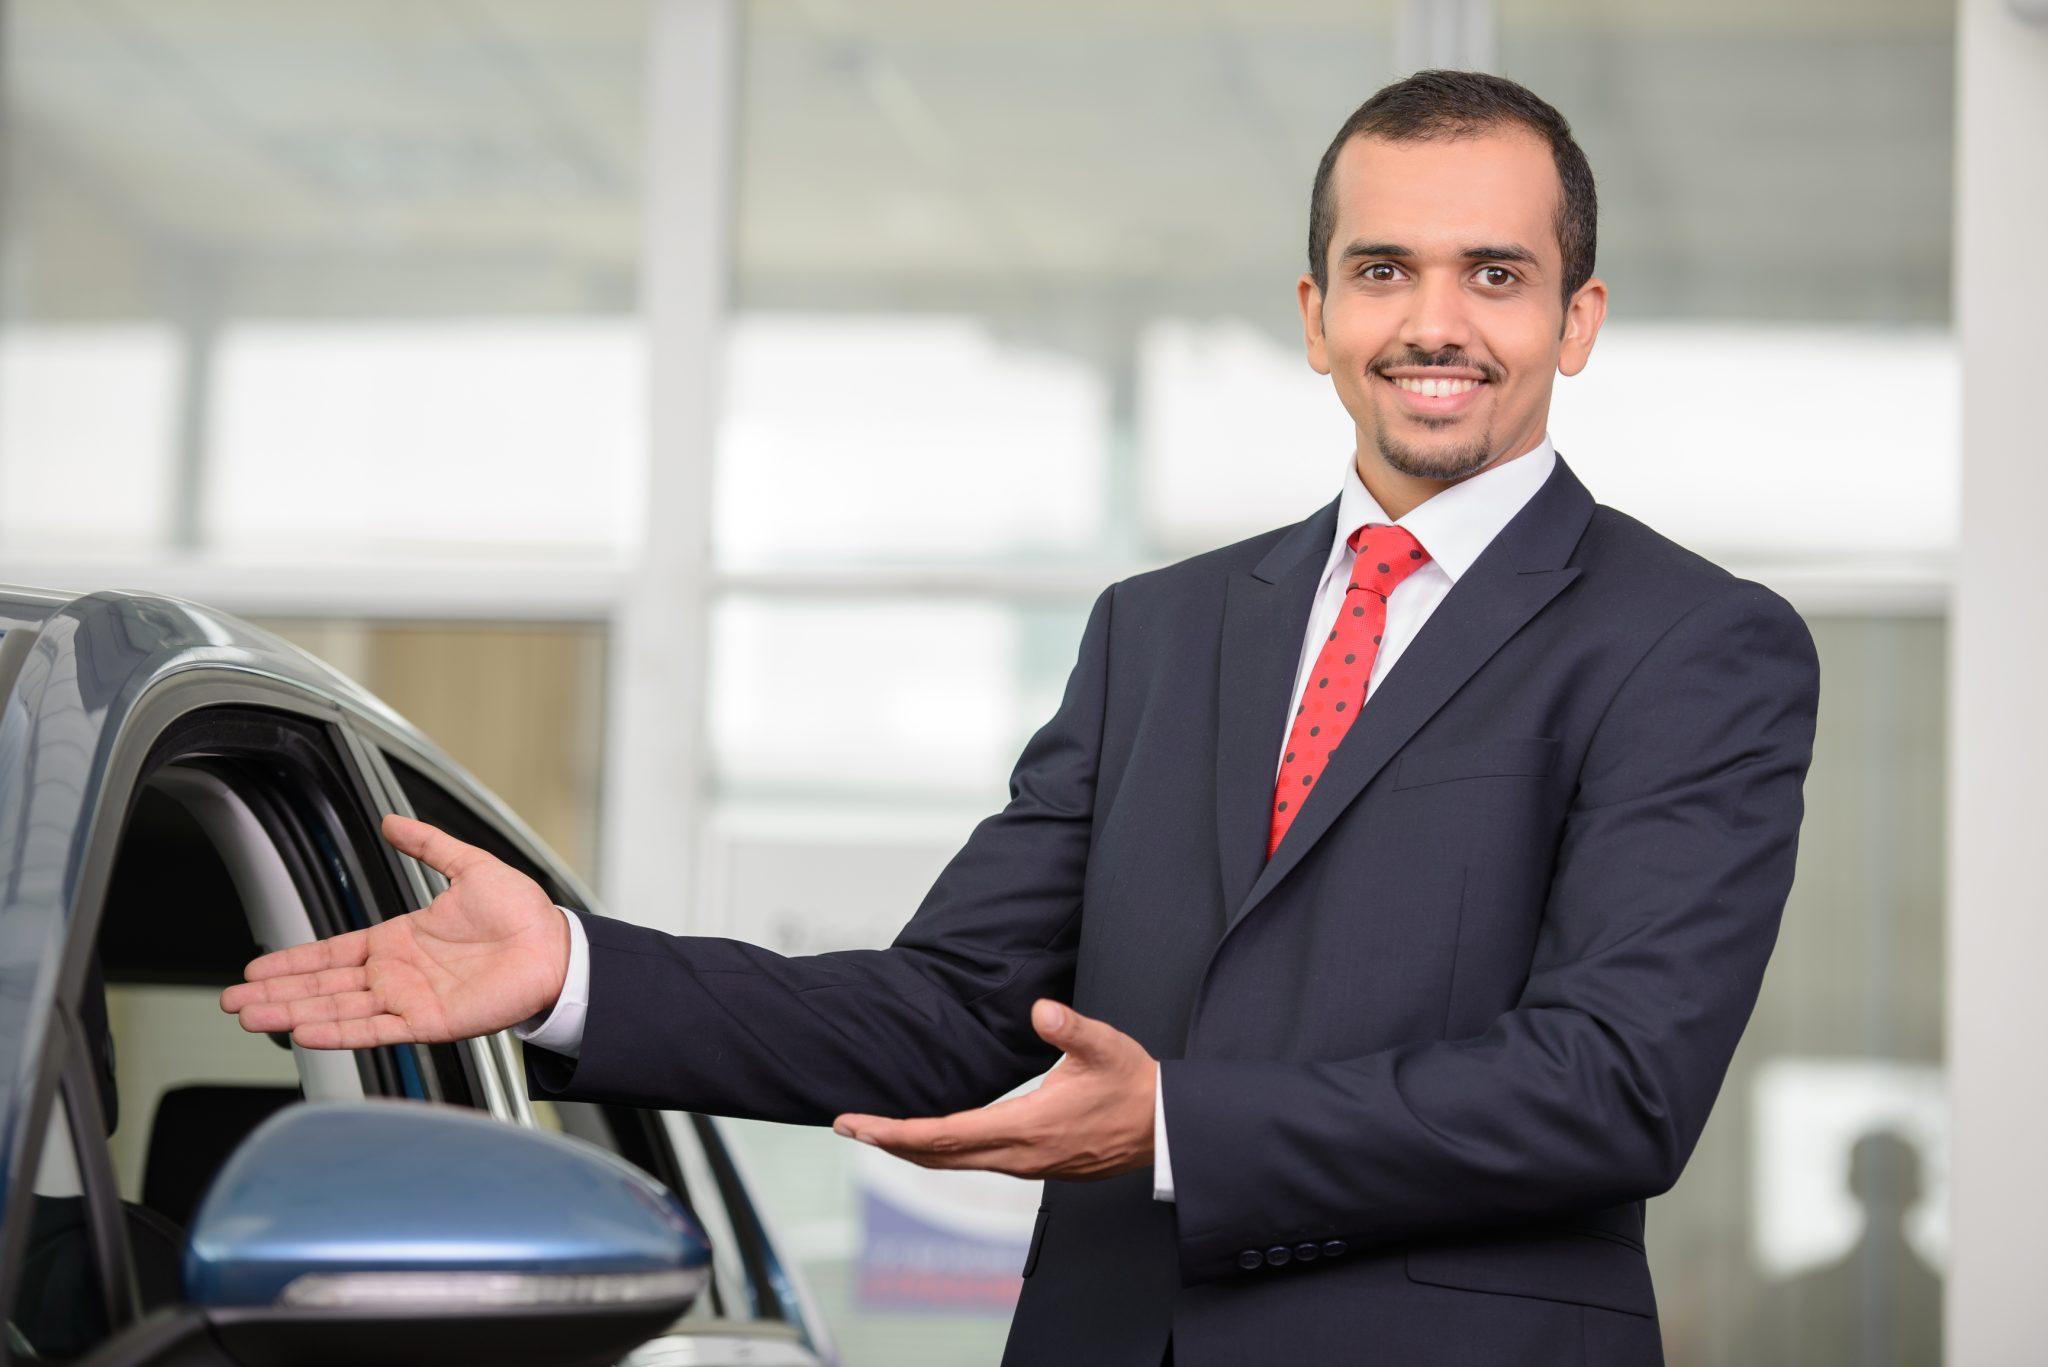 Direct Salesperson